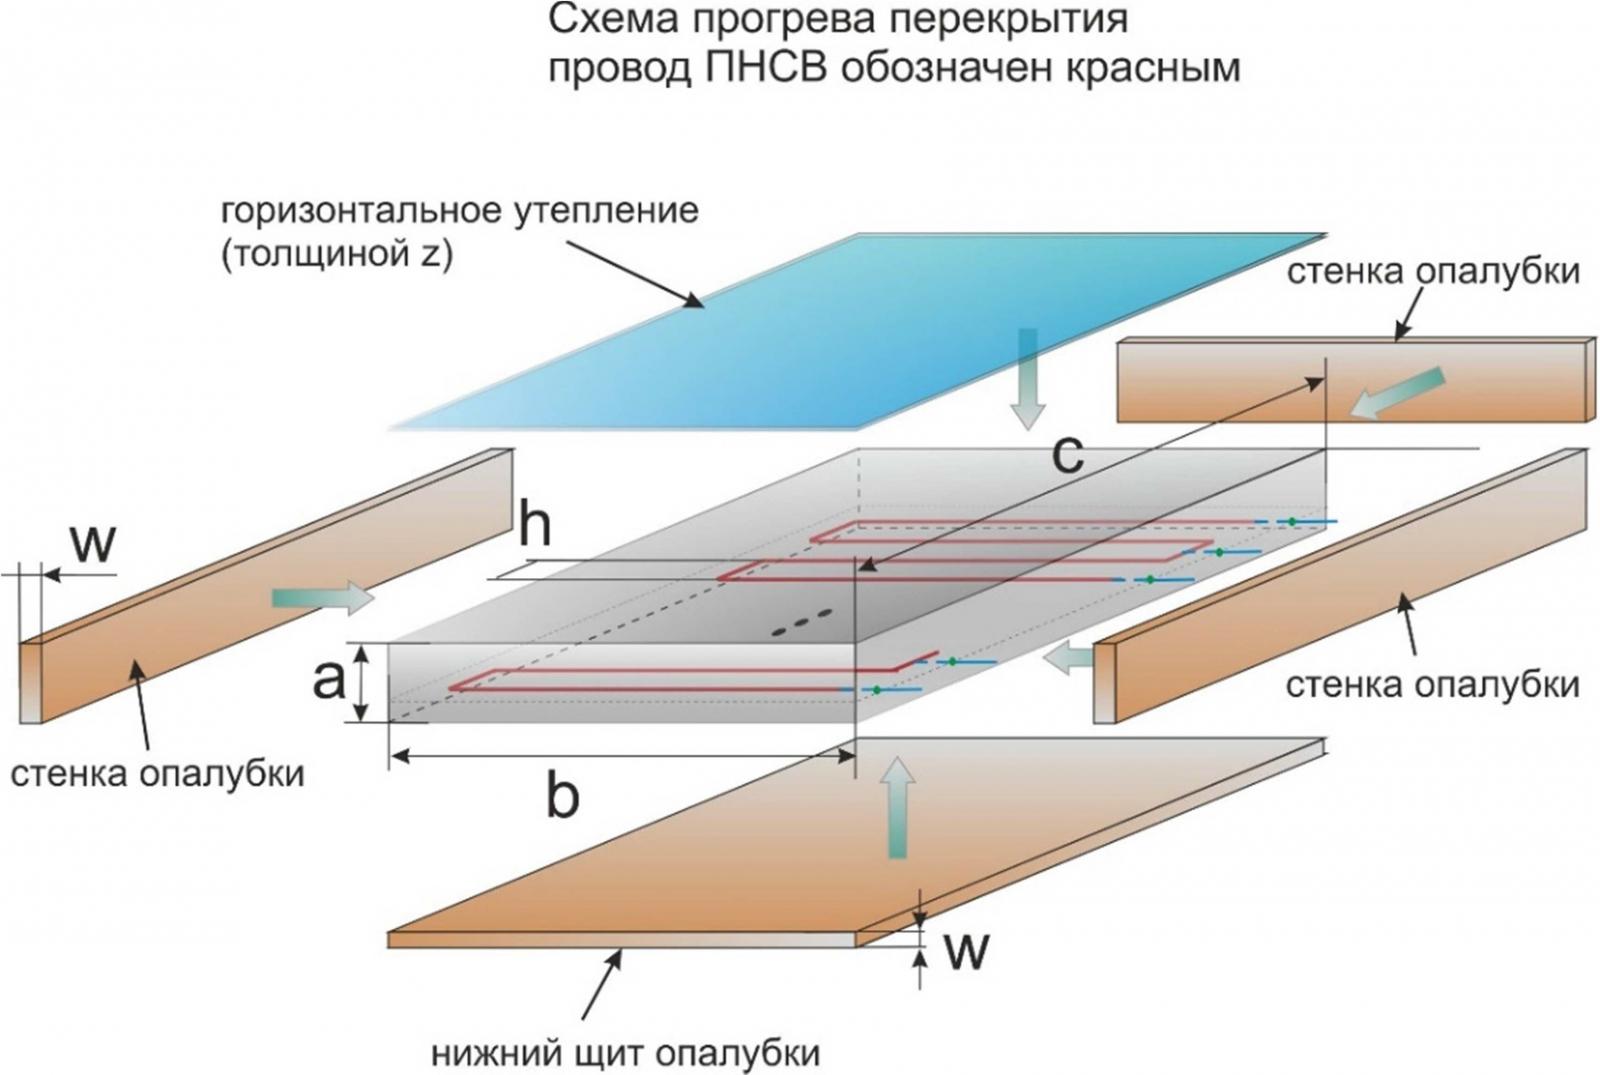 Winter concreting of floor slabs